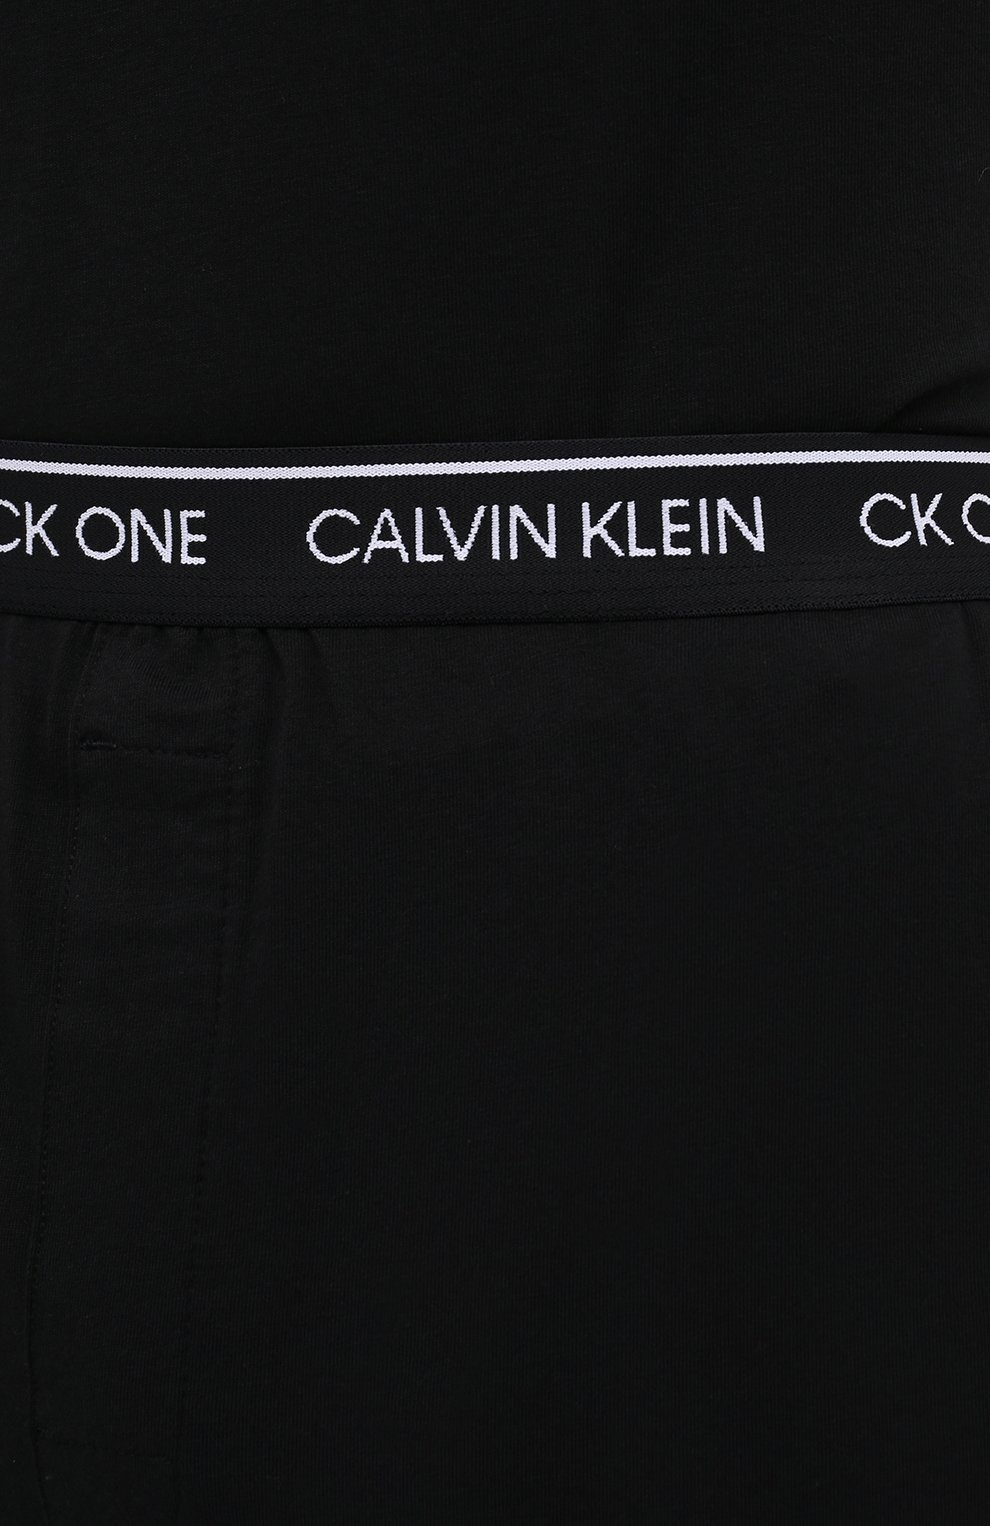 Мужские хлопковые домашние брюки CALVIN KLEIN черного цвета, арт. NM1796E | Фото 5 (Длина (брюки, джинсы): Стандартные; Кросс-КТ: домашняя одежда; Мужское Кросс-КТ: Брюки-белье; Материал внешний: Хлопок)